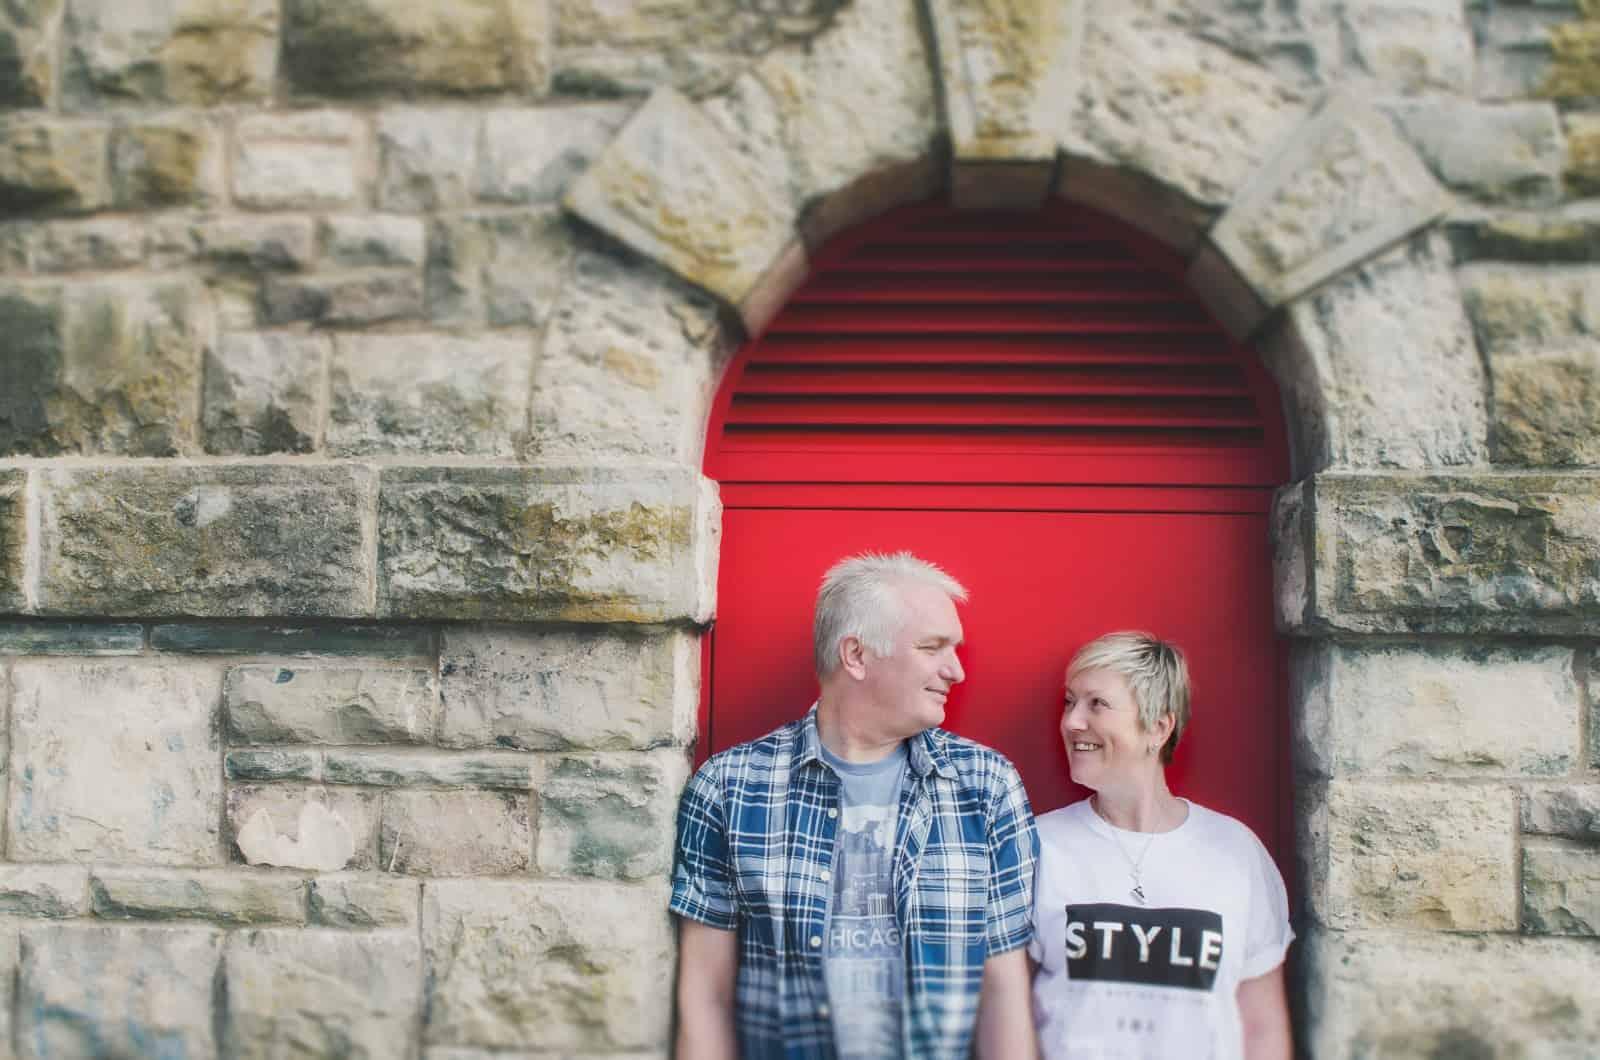 Couple stood in doorway with a red door